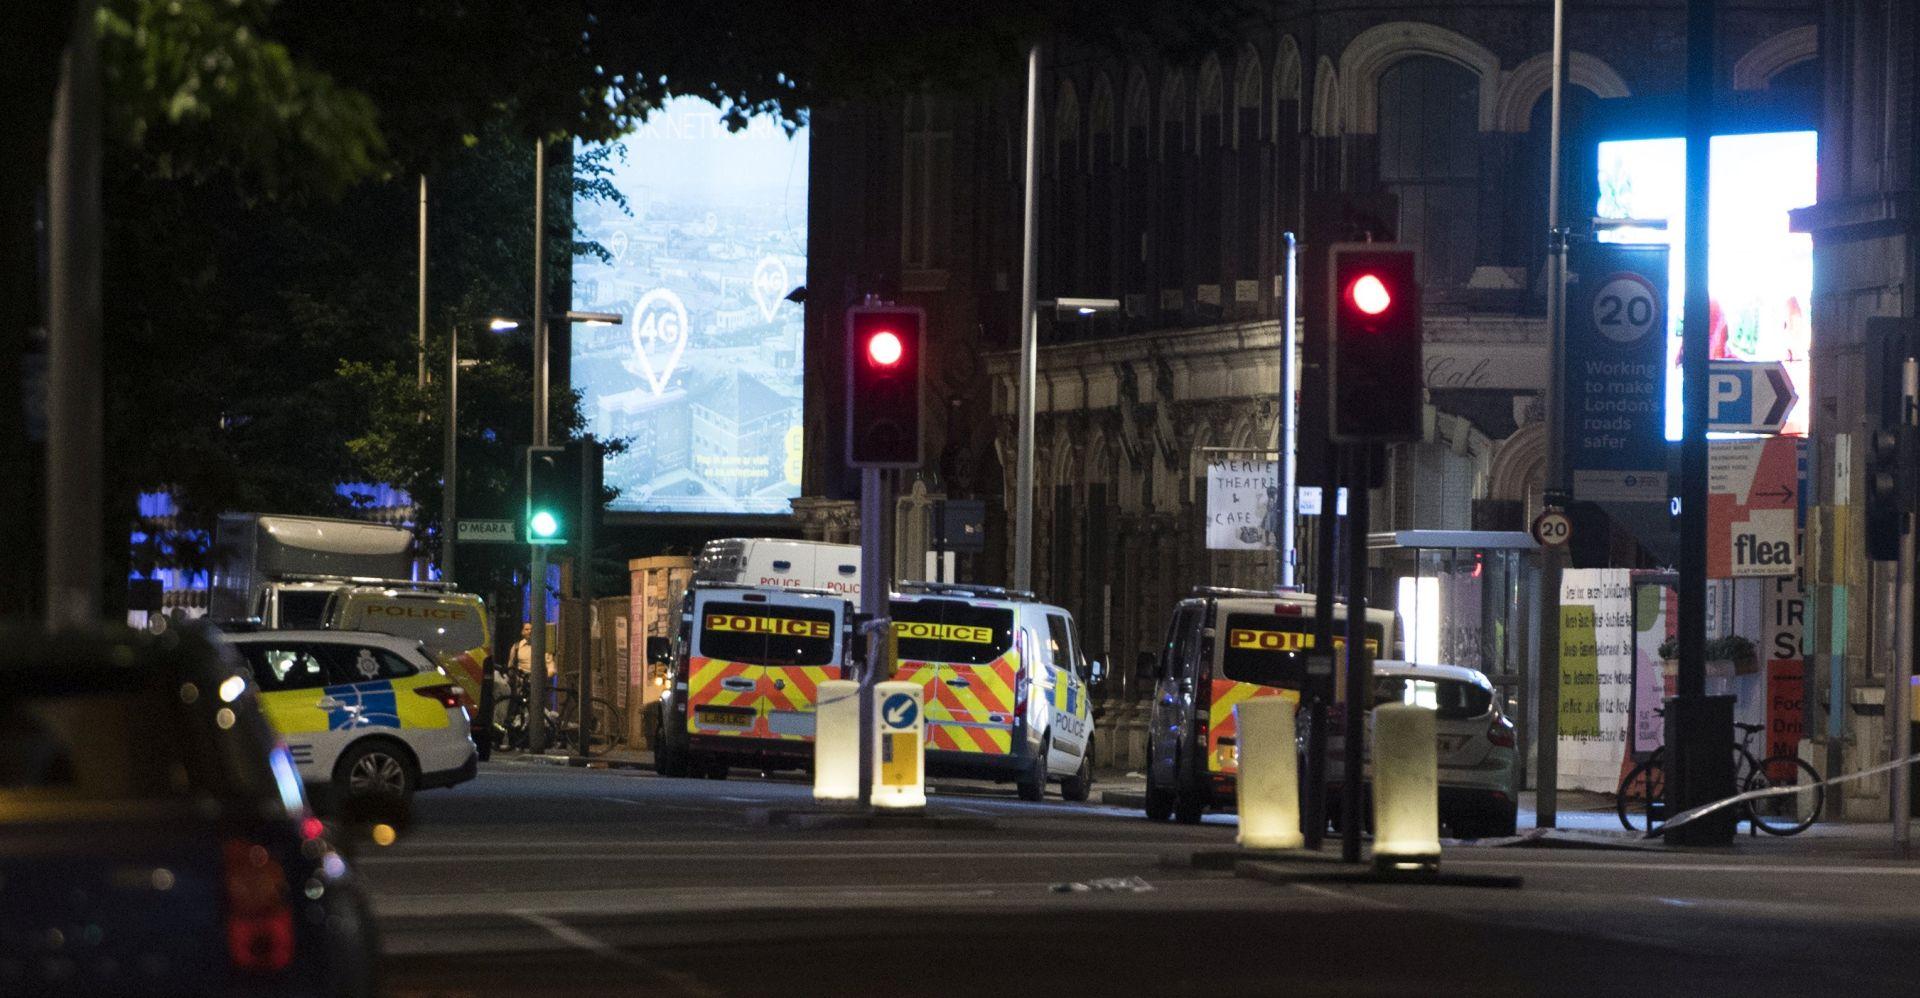 LONDON Svjetski čelnici osudili teroristički napad u Londonu, izrazili solidarnost